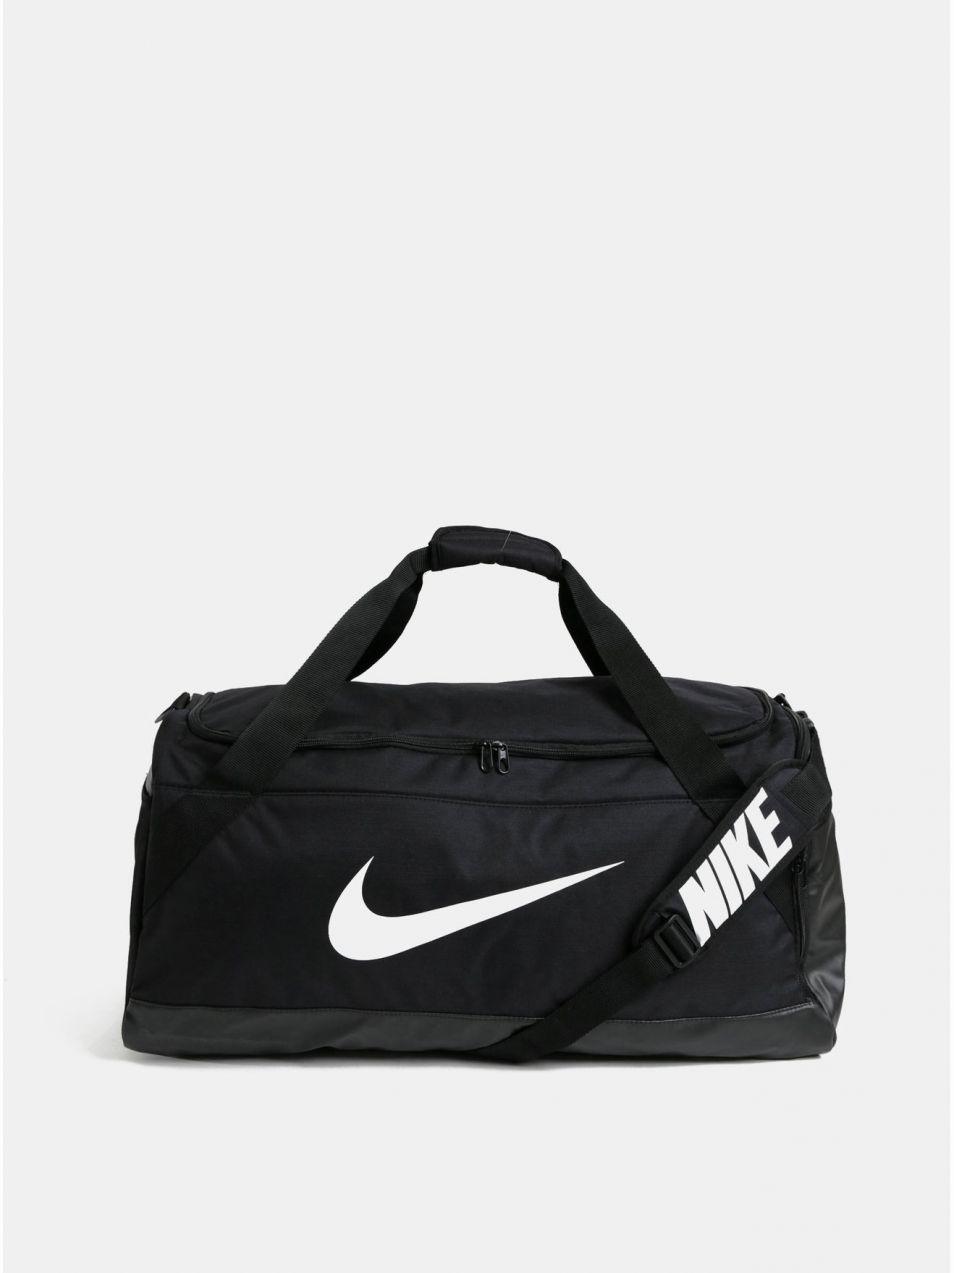 370665ab719b Čierna športová taška s potlačou Nike 81 l značky Nike - Lovely.sk